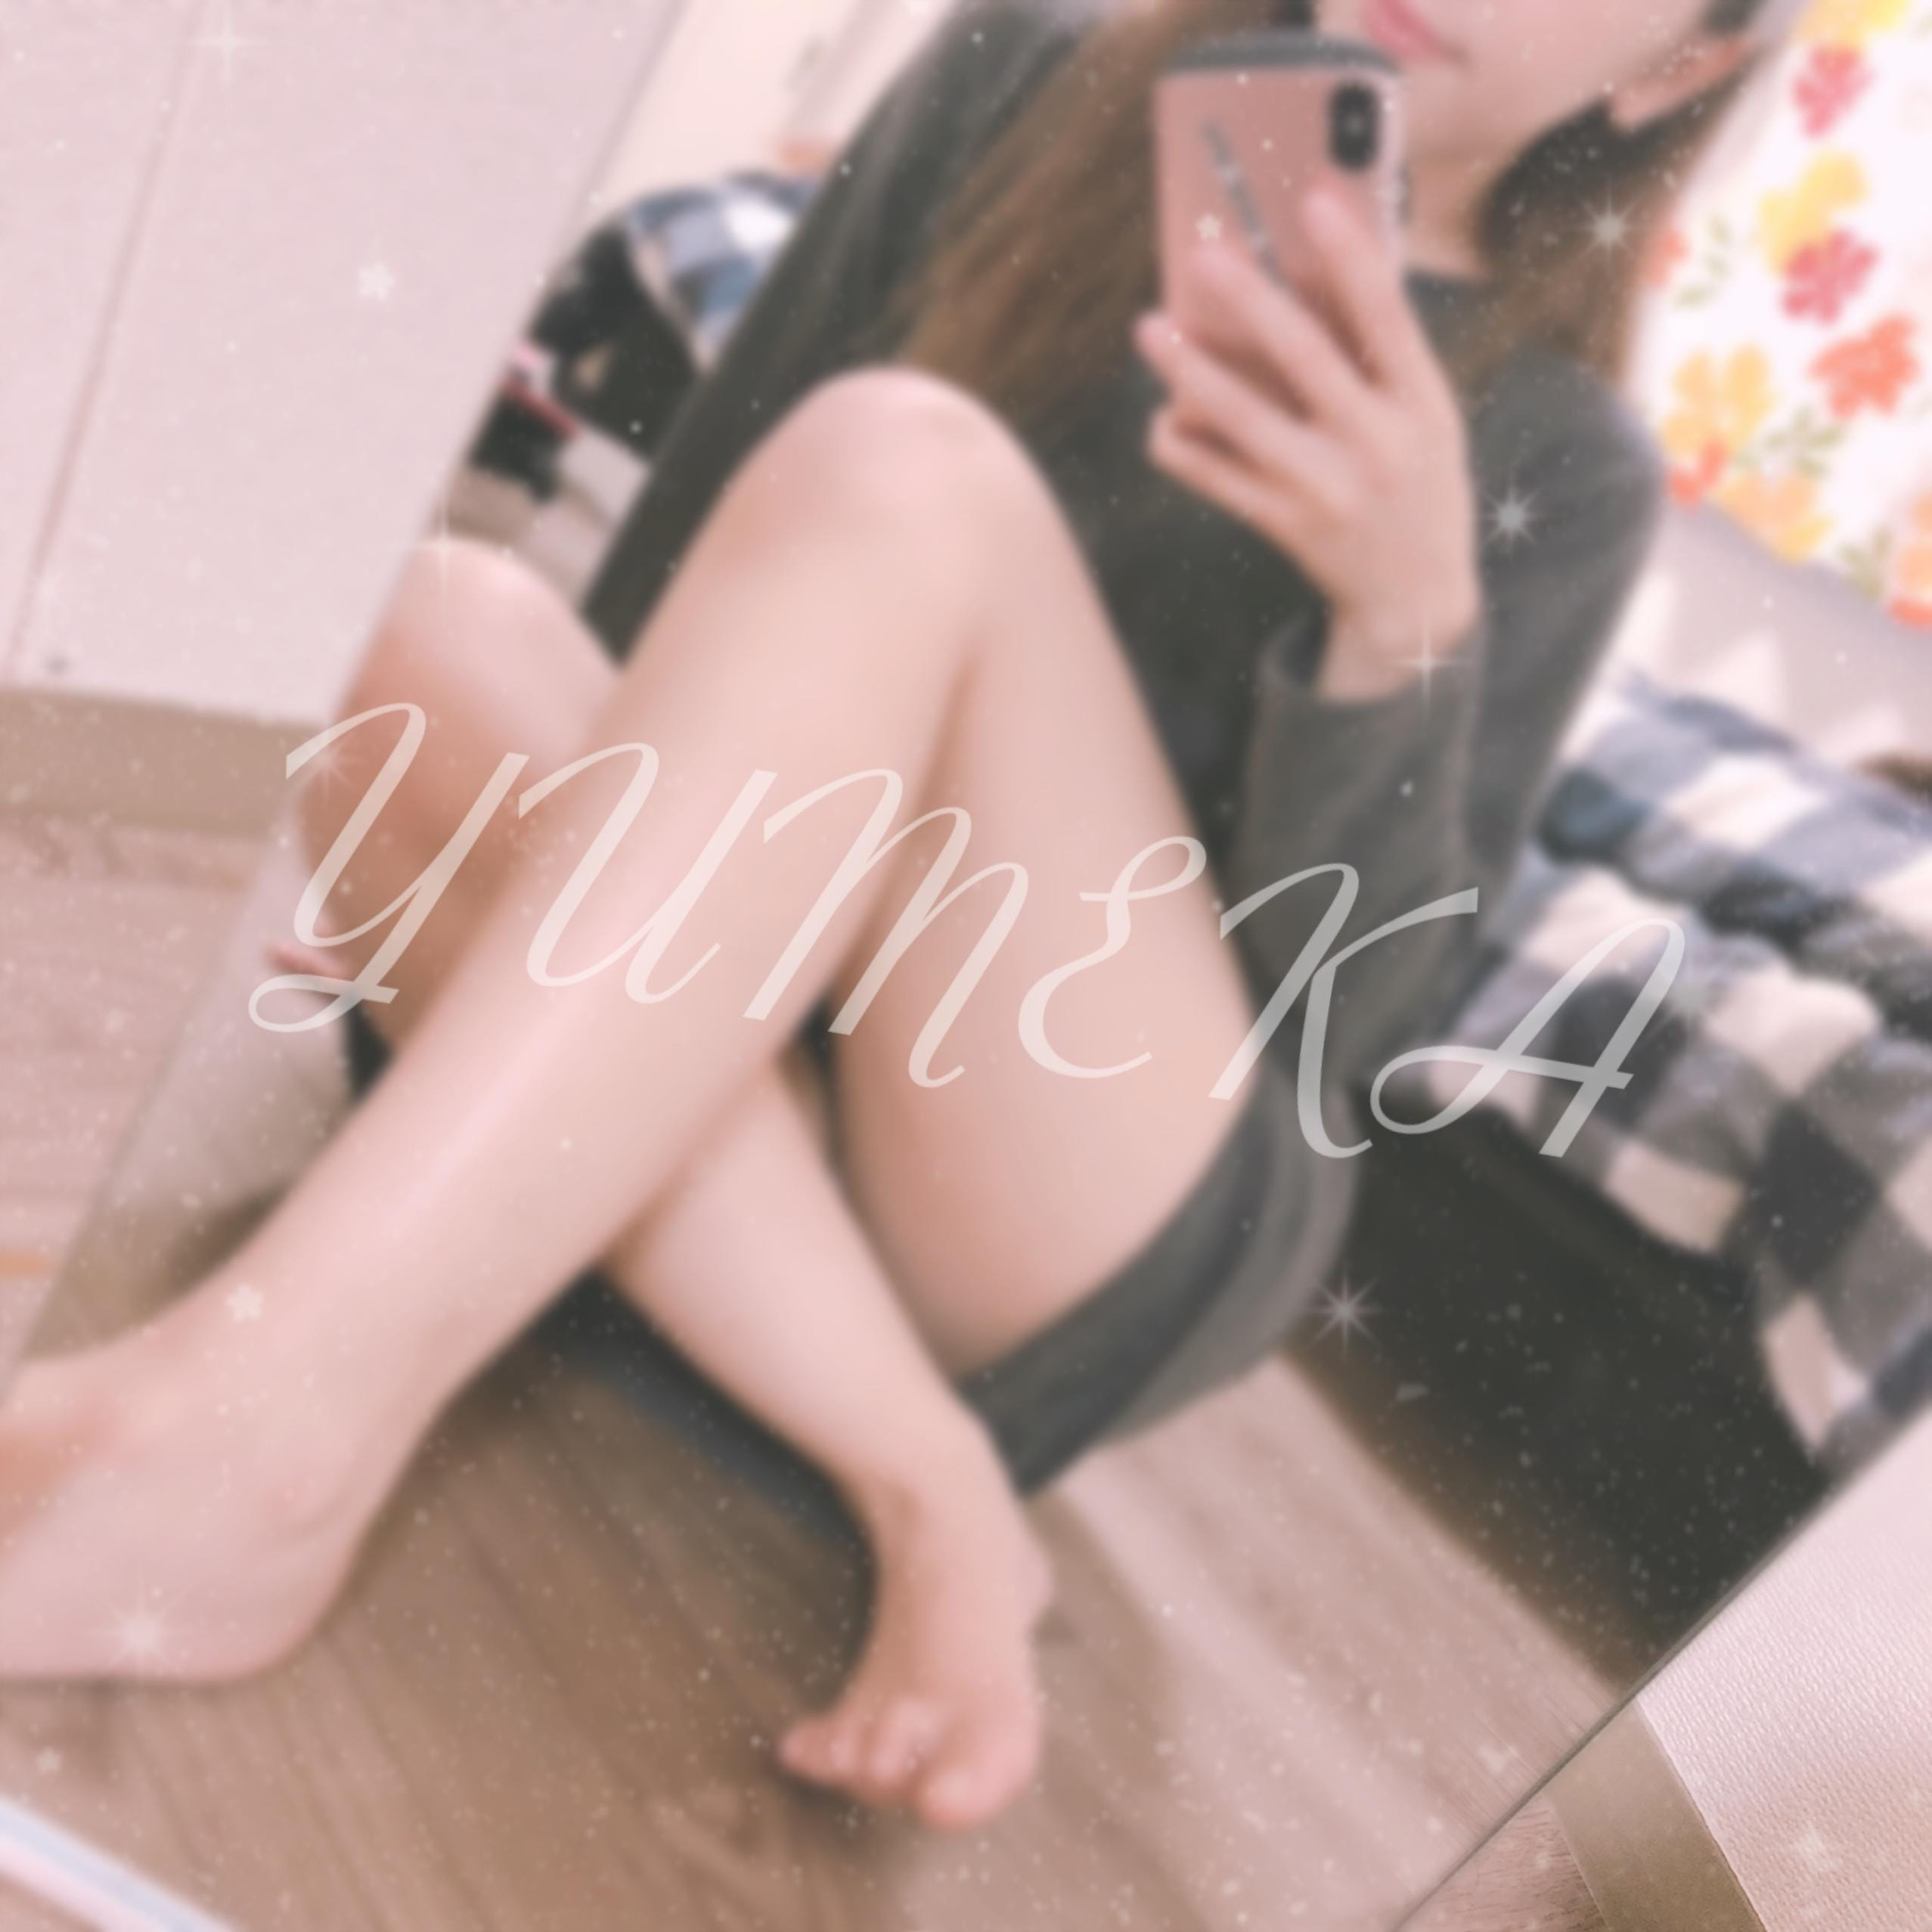 新人 ゆめか「焼き鳥は串から外さない派」11/19(月) 09:54 | 新人 ゆめかの写メ・風俗動画